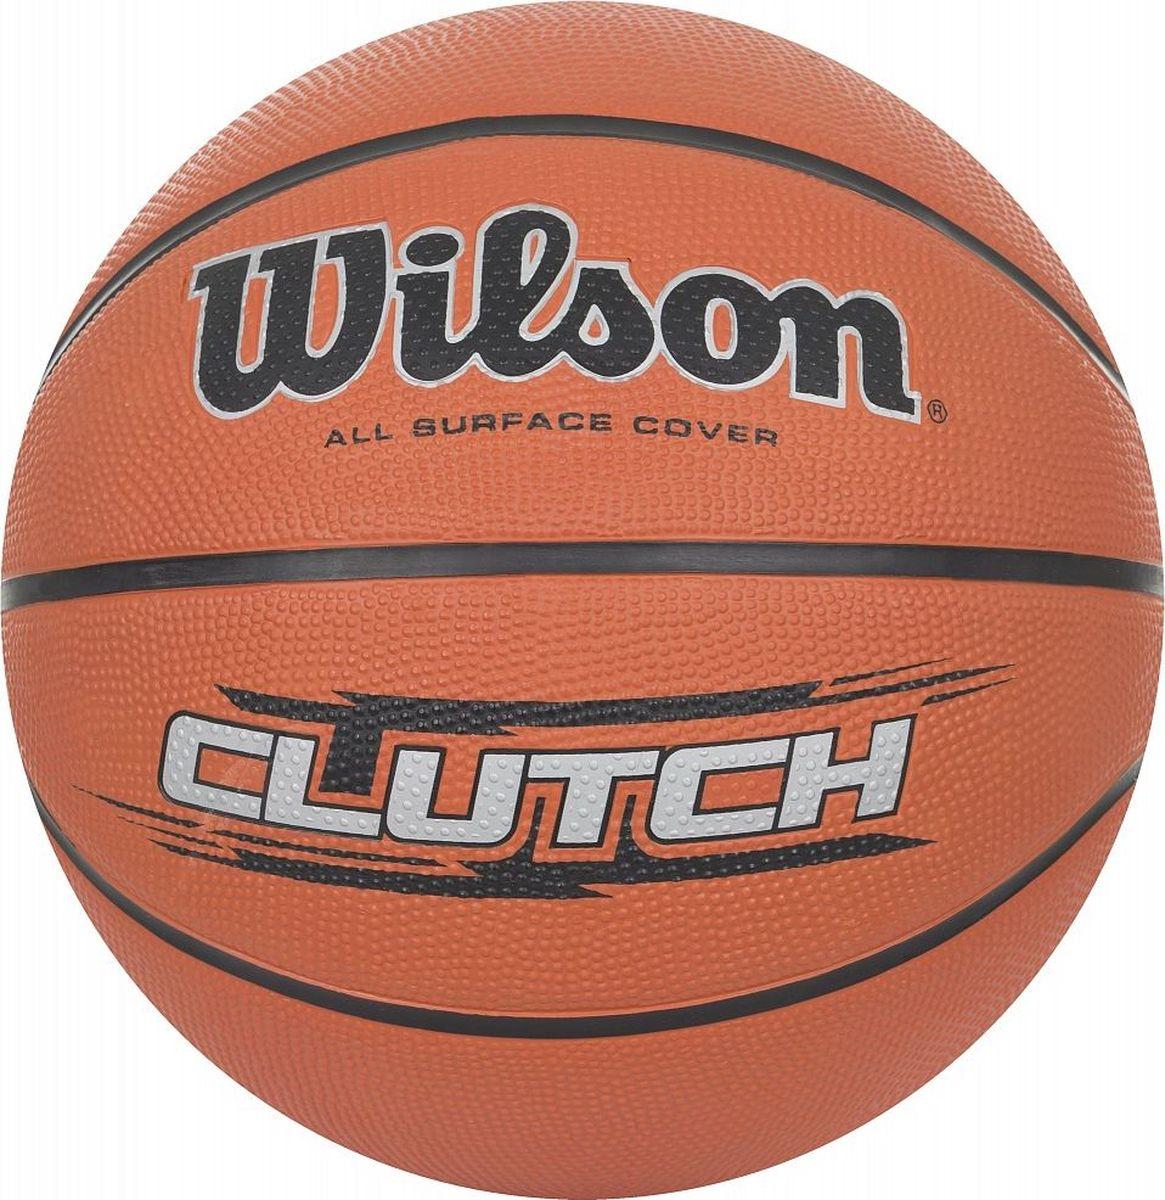 Мяч баскетбольный Wilson Clutch. Размер 7WTB1434XBБаскетбольный мяч Wilson Clutch отлично подходит для комфортных тренировок и игр команд любого уровня.Покрышка мяча выполнена из современного композитного материала ACL (Absorbent Composite Leather) на основе микрофибры. Этот материал обладает высокой способностью впитывать влагу и пот.Мяч обладает большой цепкостью, он не выскальзывает из рук во время броска или дриблинга. Баскетбольный мяч рекомендован для тренировок и соревнований команд высокого уровня.Размер №7: для мужчин и юношей от 17 лет, официальный размер для соревнований.УВАЖАЕМЫЕ КЛИЕНТЫ!Обращаем ваше внимание на тот факт, что мяч поставляется в сдутом виде. Насос в комплект не входит.